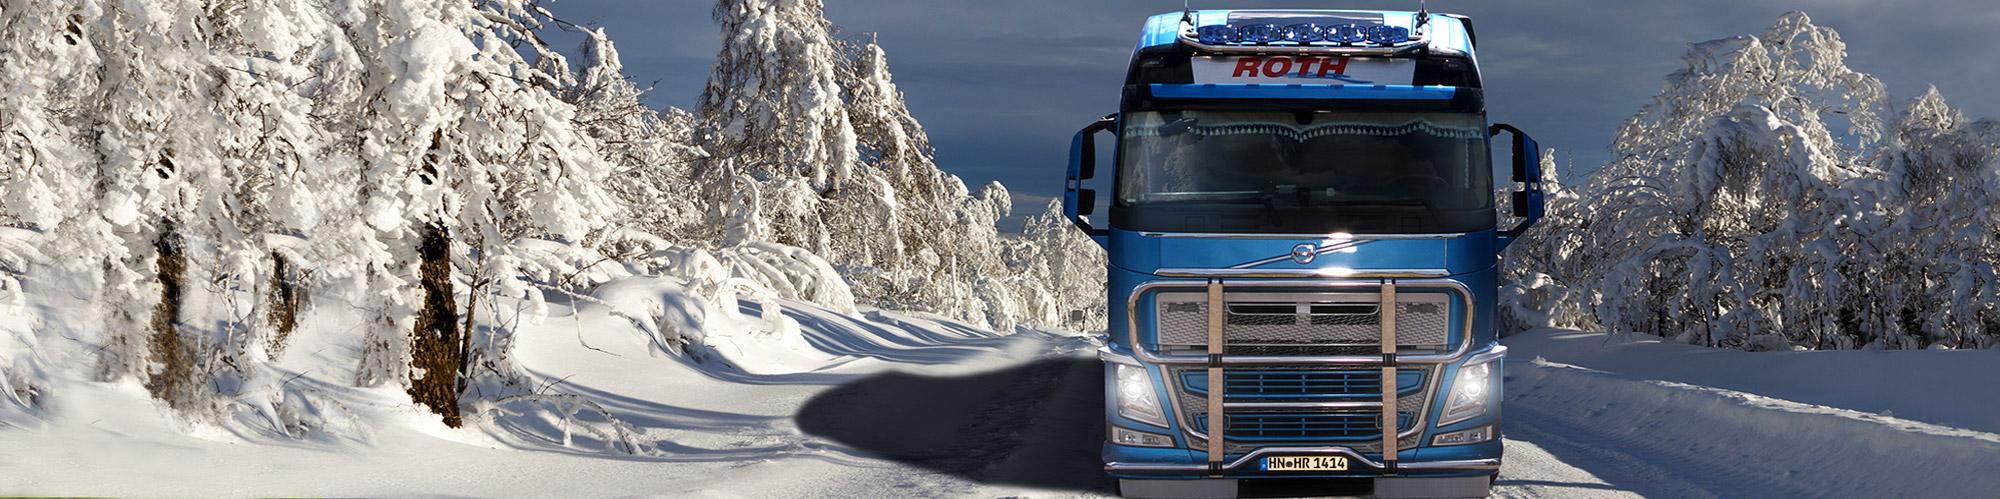 Roth Lastfahrzeug Transport Scnnee